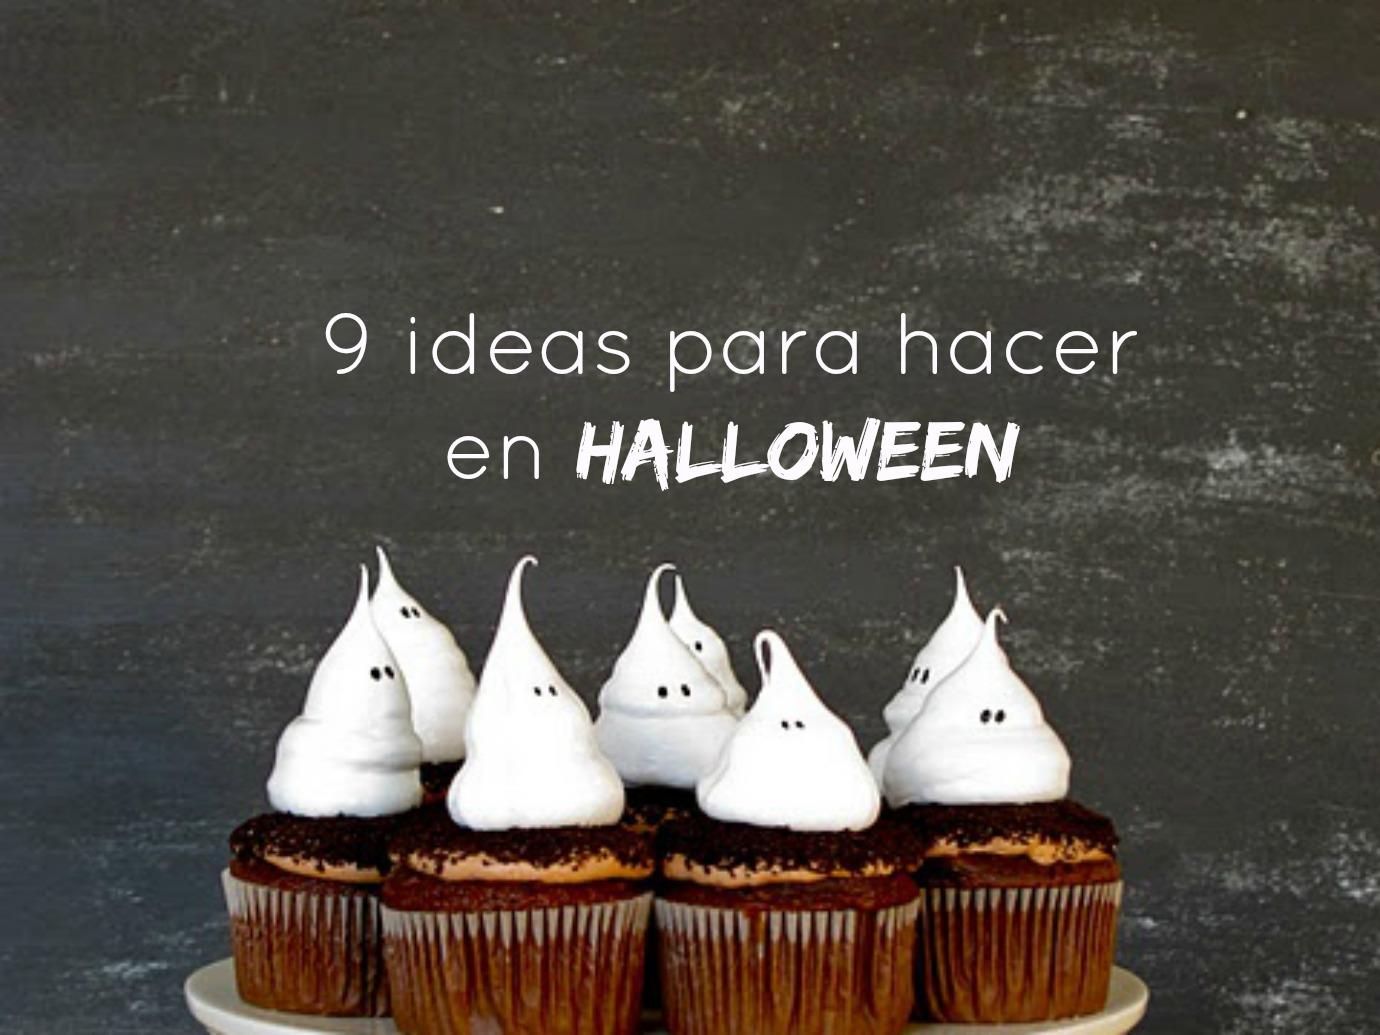 9 ideas para hacer en halloween medias y tintas - Ideas para hacer en halloween ...